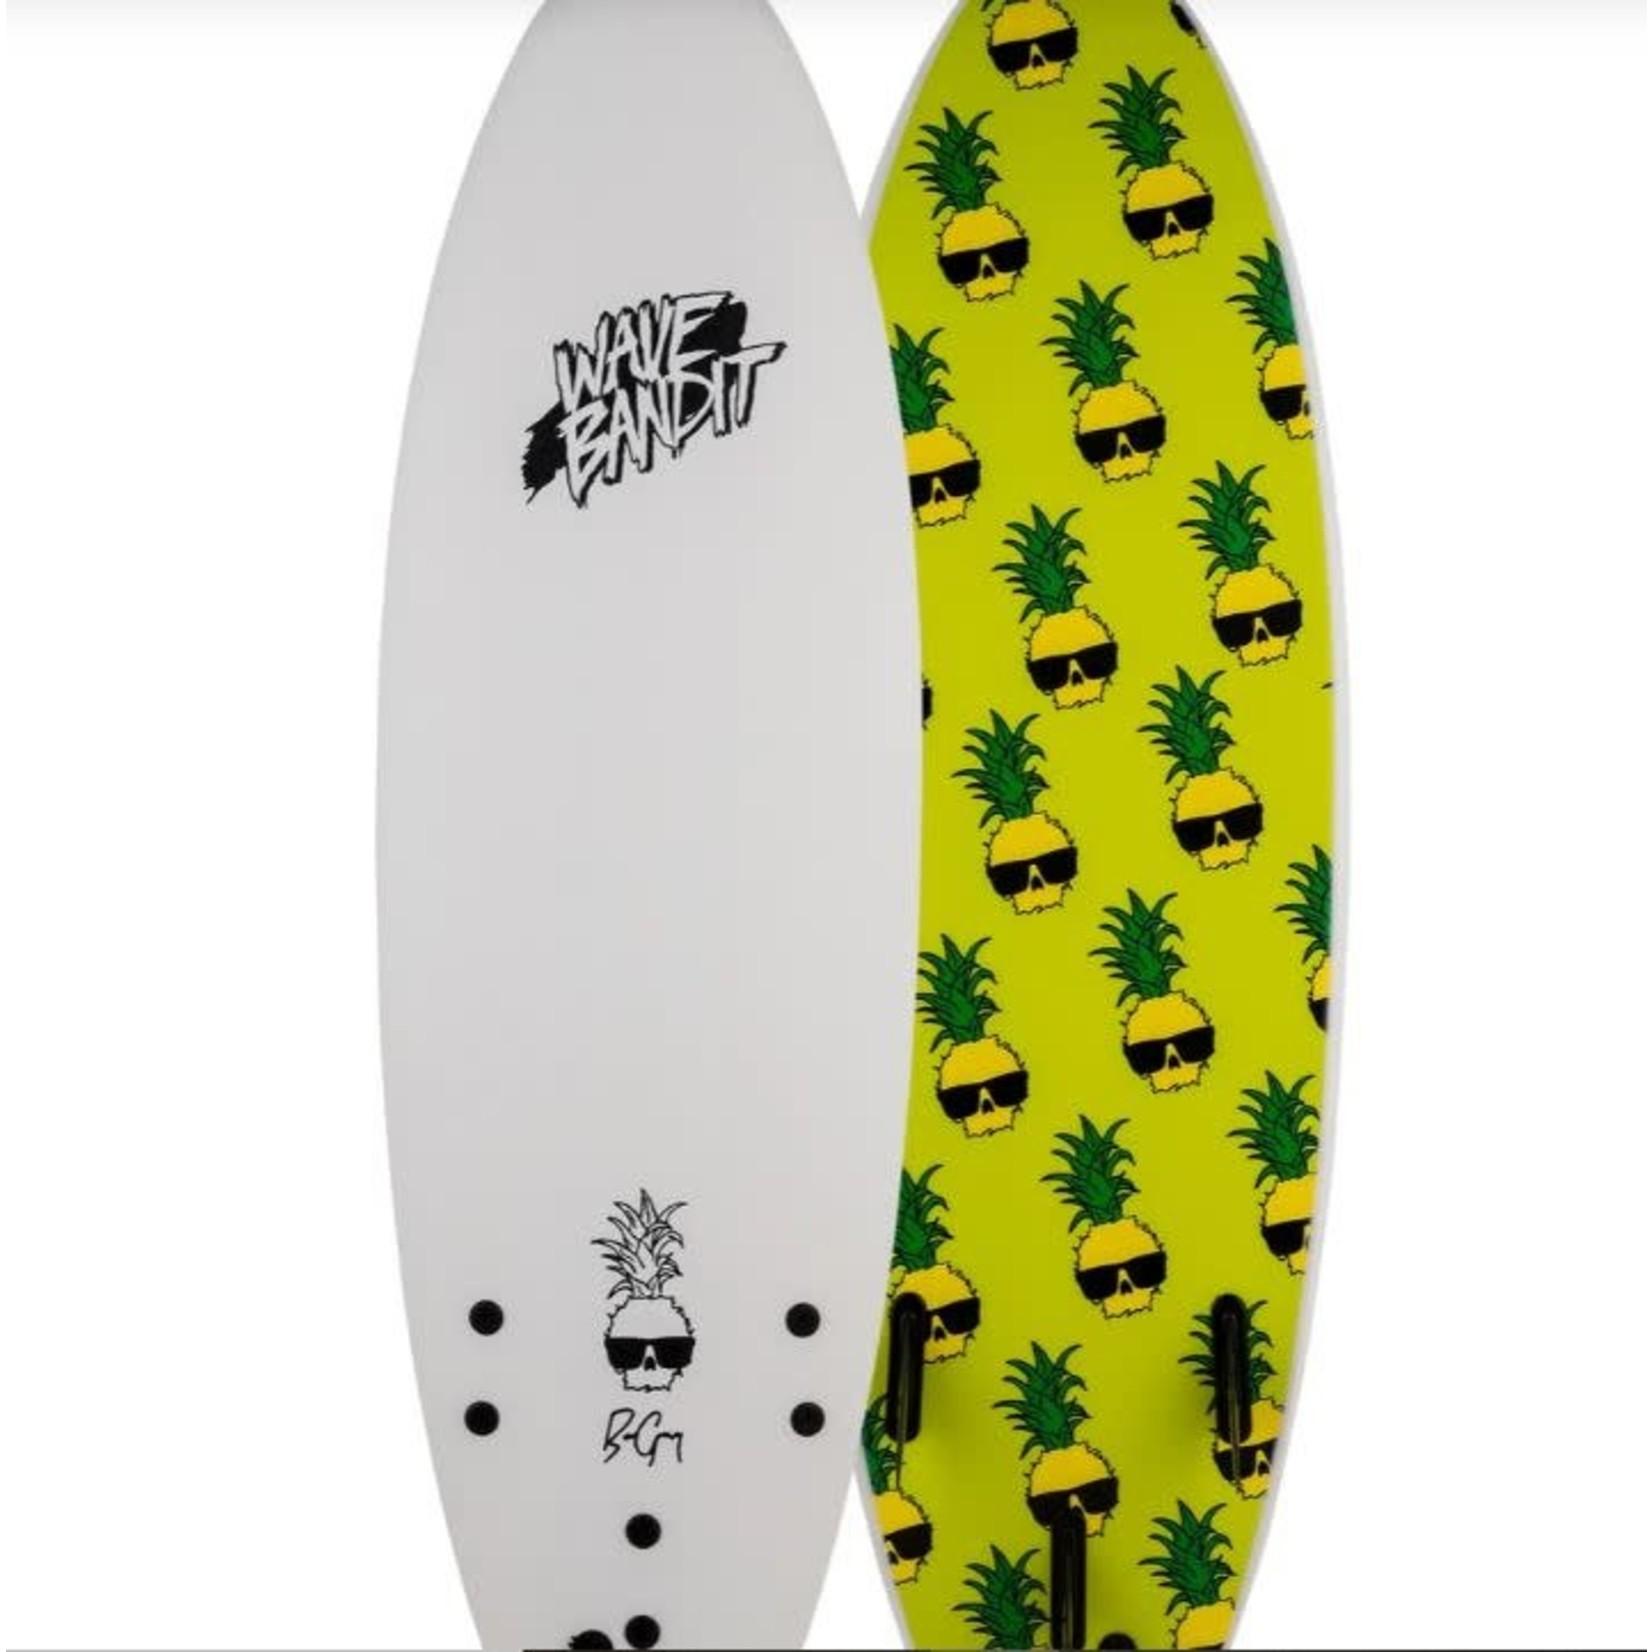 Catch Surf Wave Bandit BEN GRAVY PERFORMER 6.0 TRI